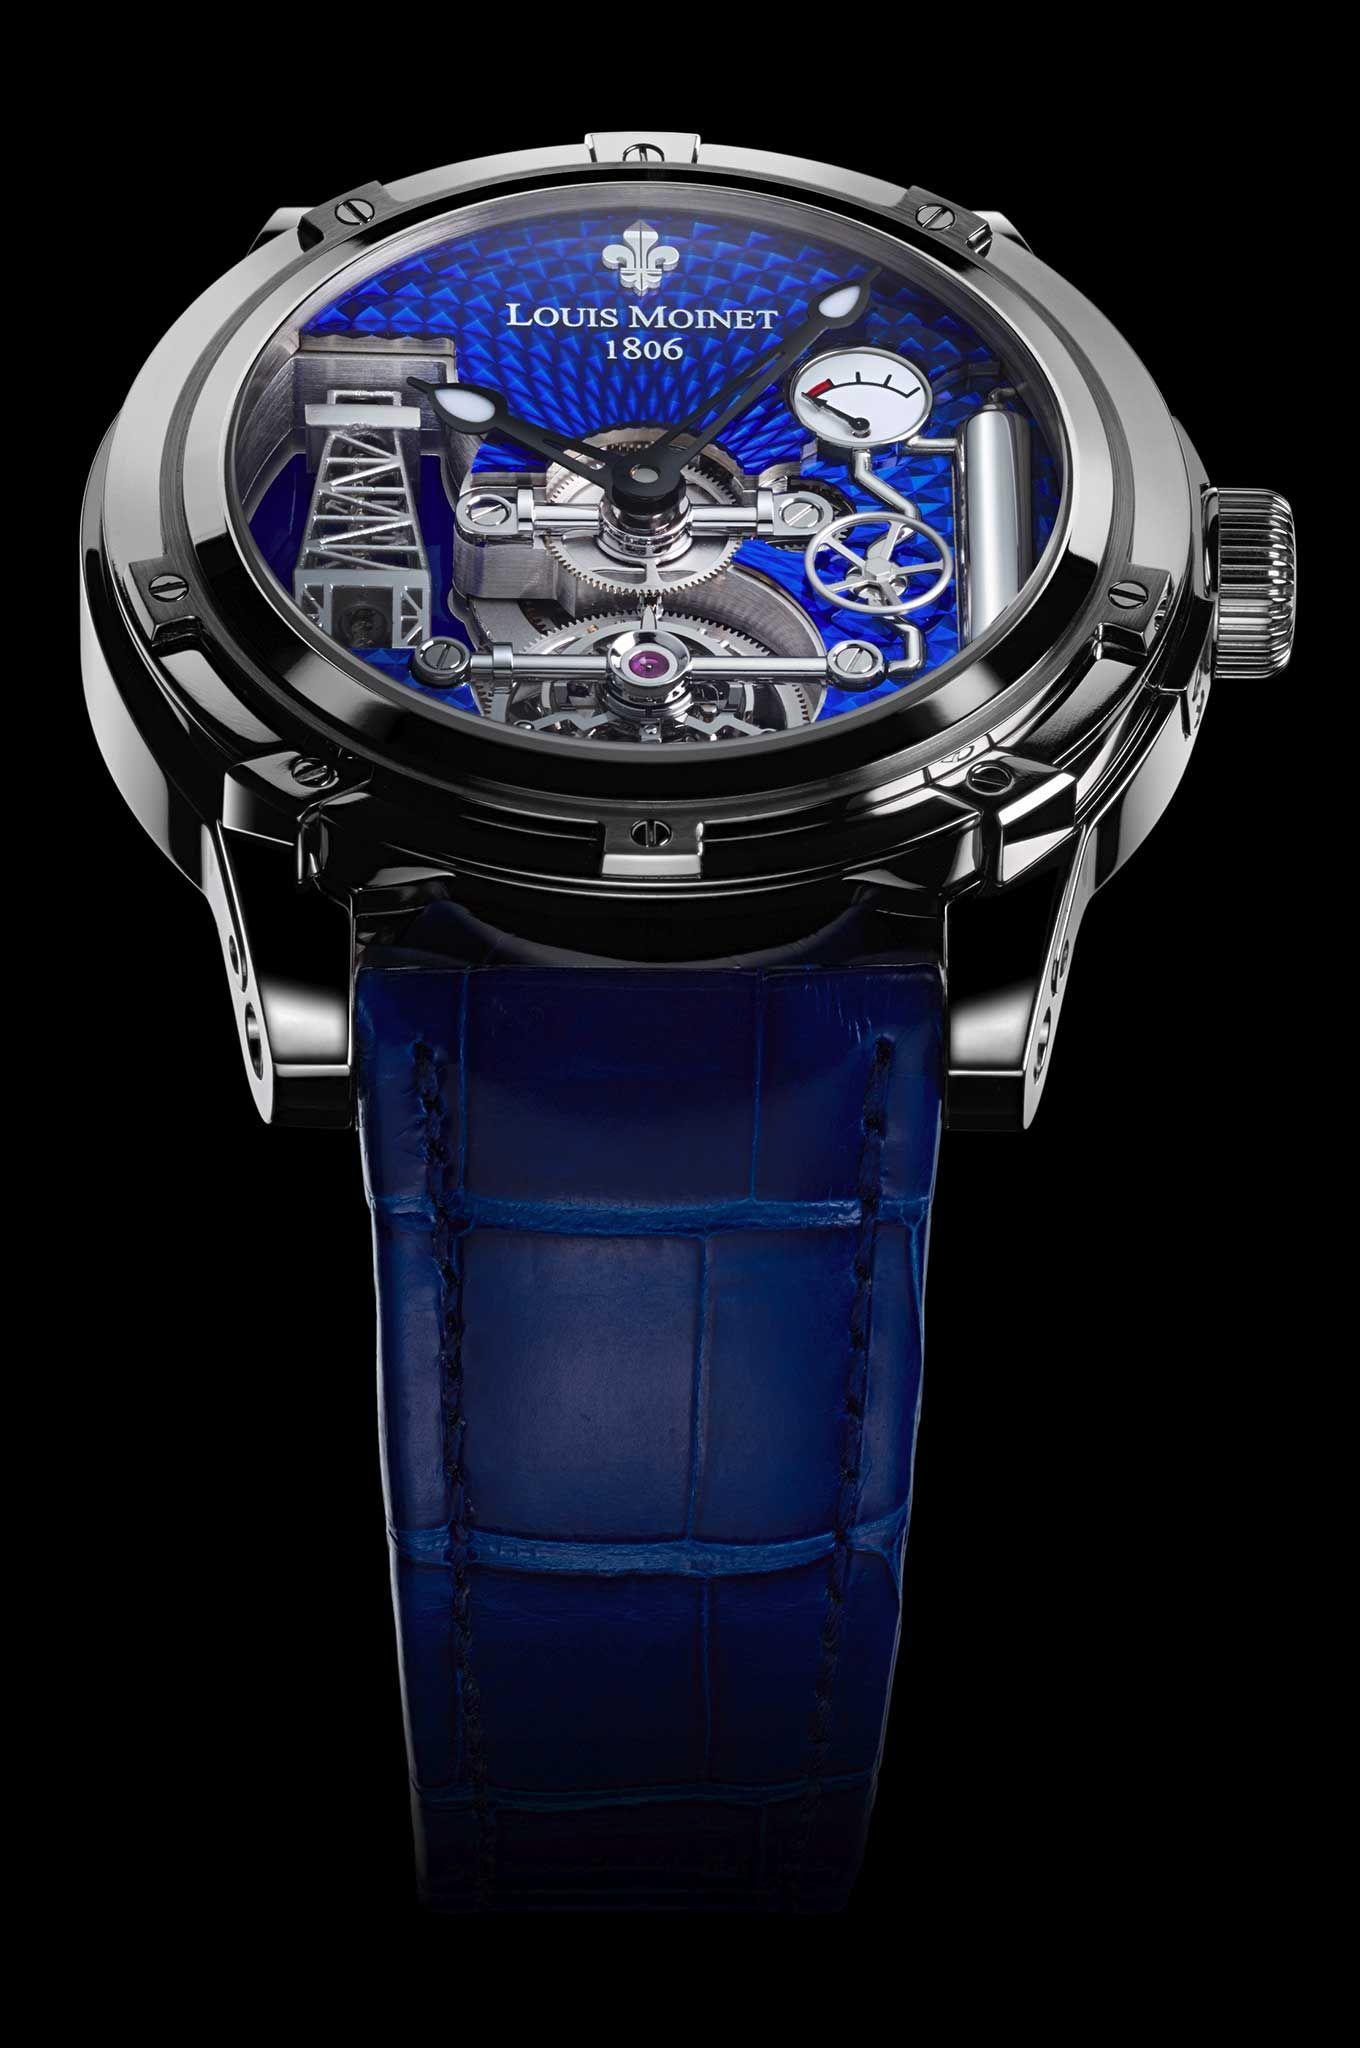 18K white gold - Blue dial - Derrick Gaz - Limited Editions - Louis Moinet